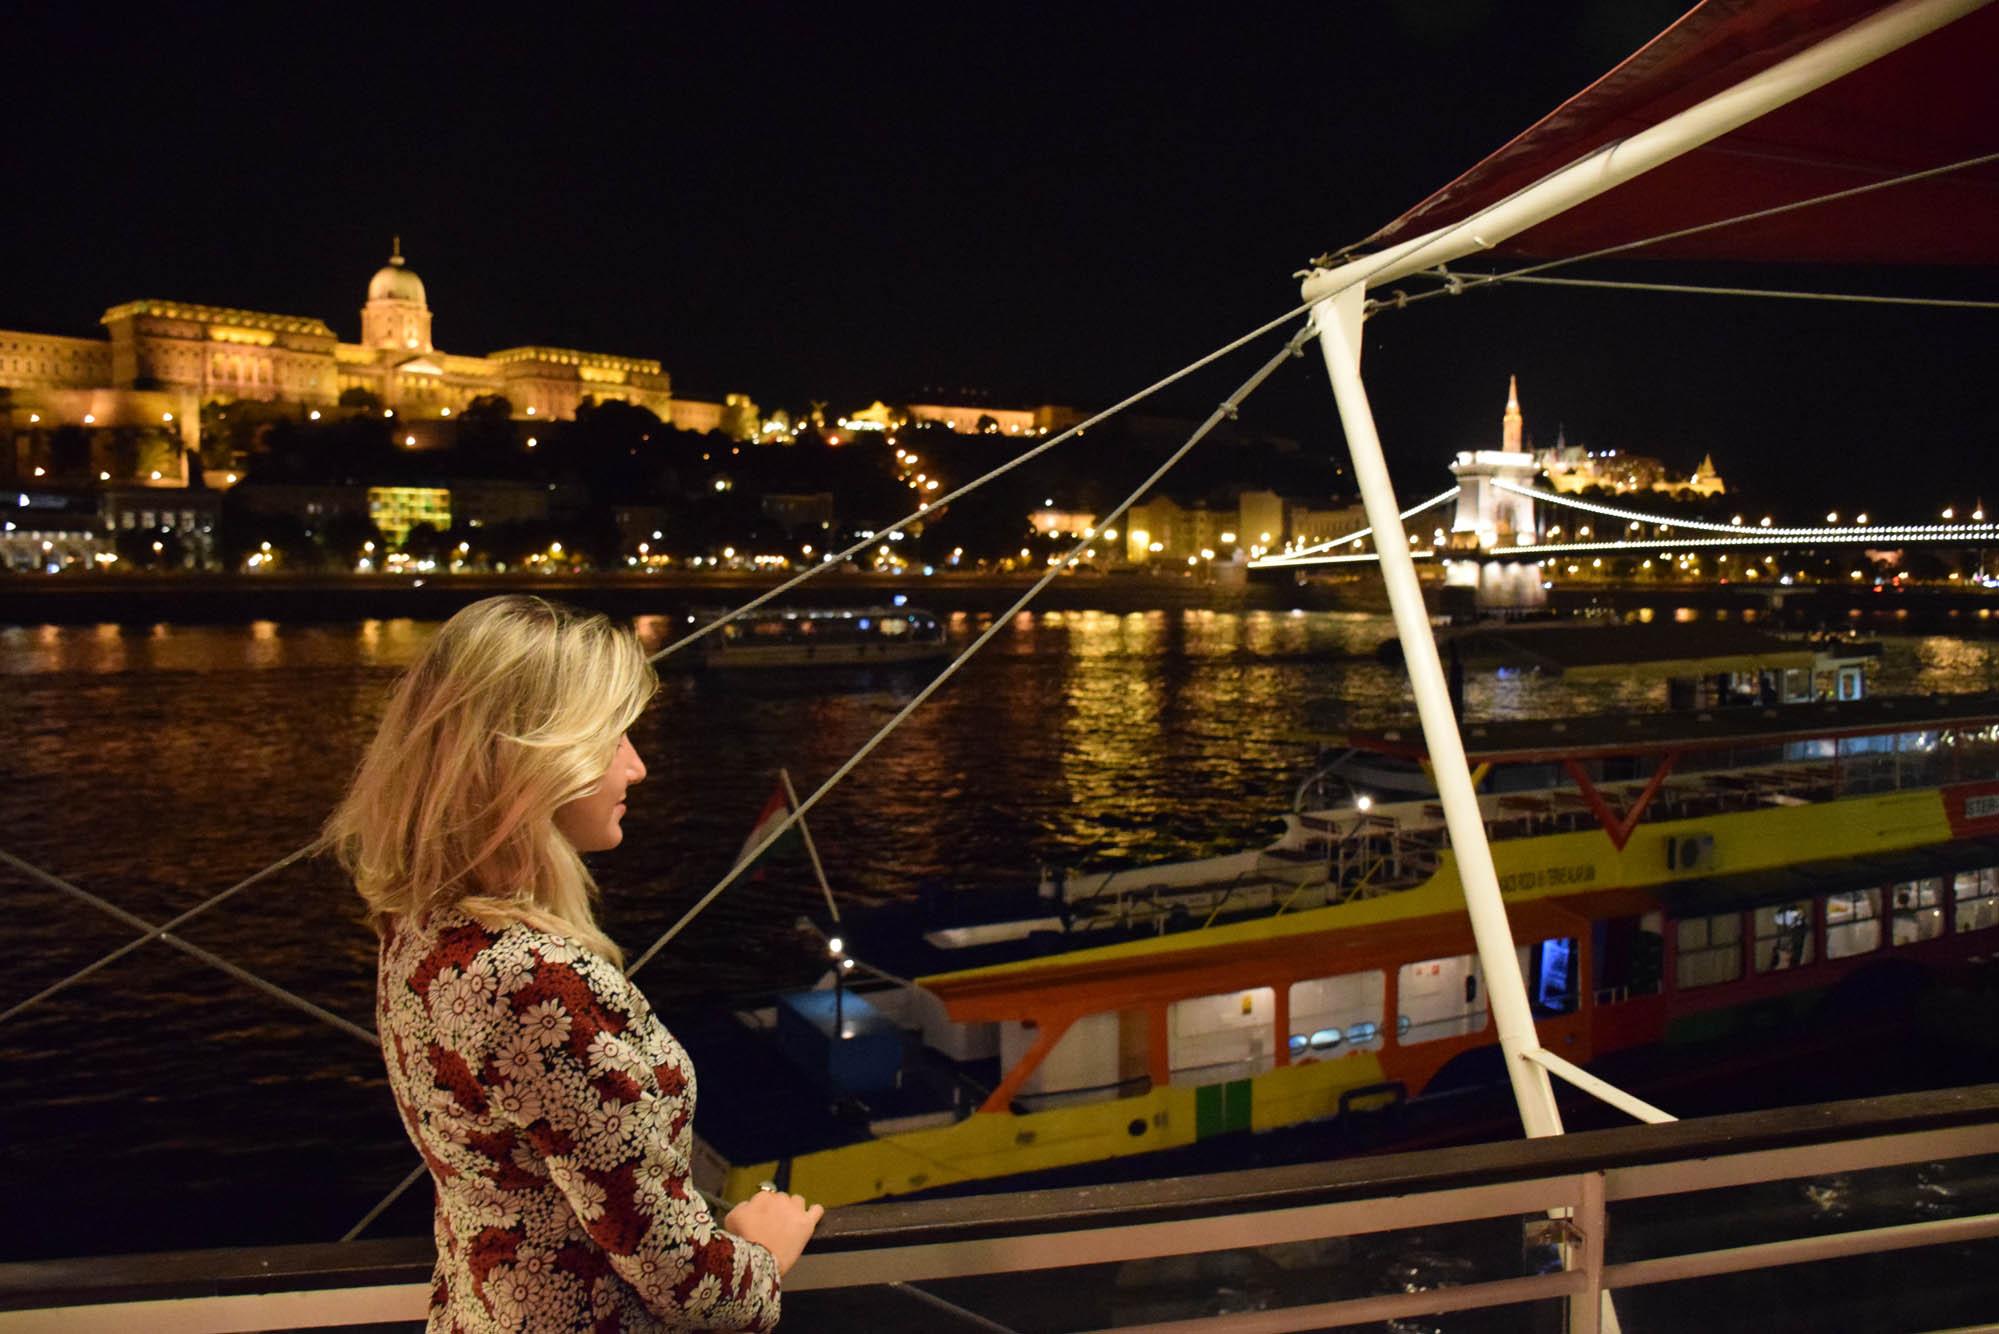 Que vista! Castelo de Buda e Chain Bridge sobre o Rio Danúbio | Spoon Restaurant